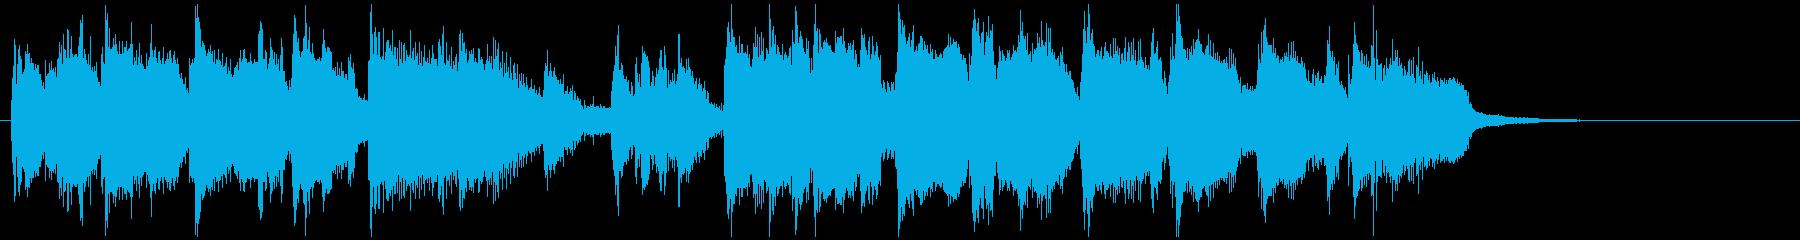 シリアスでタイトなテナーサックスジングルの再生済みの波形